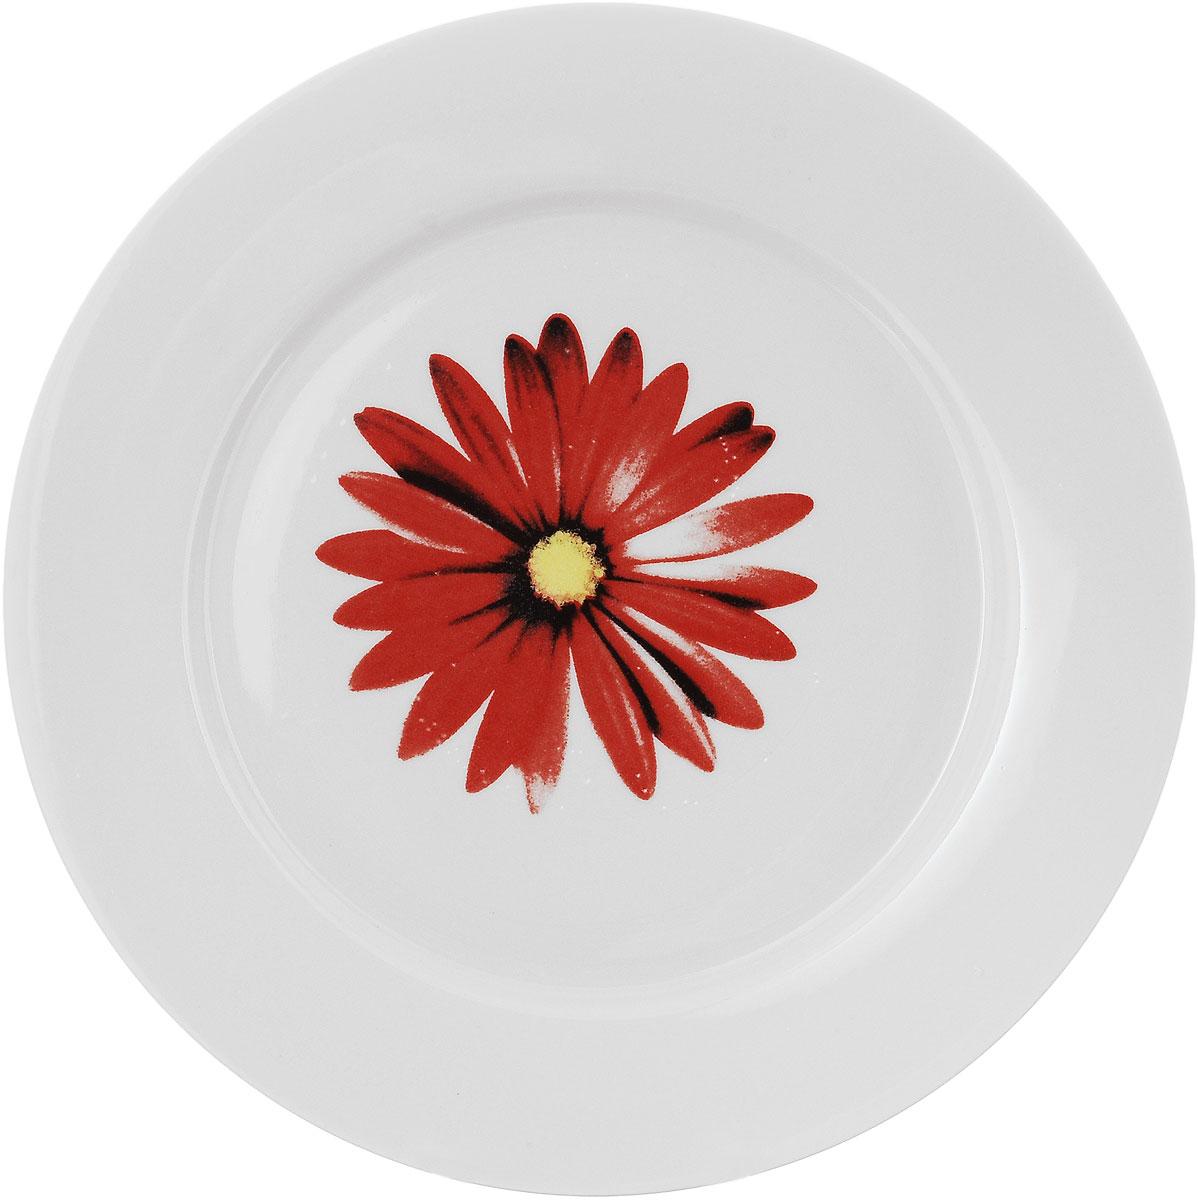 Тарелка Фарфор Вербилок Ромашка, диаметр 24 см16580810Тарелка Фарфор Вербилок Ромашка, изготовленная из высококачественного фарфора, имеет классическую круглую форму. Она прекрасно впишется в интерьер вашей кухни и станет достойным дополнением к кухонному инвентарю. Тарелка Фарфор Вербилок Ромашка подчеркнет прекрасный вкус хозяйки и станет отличным подарком. Диаметр тарелки (по верхнему краю): 24 см.